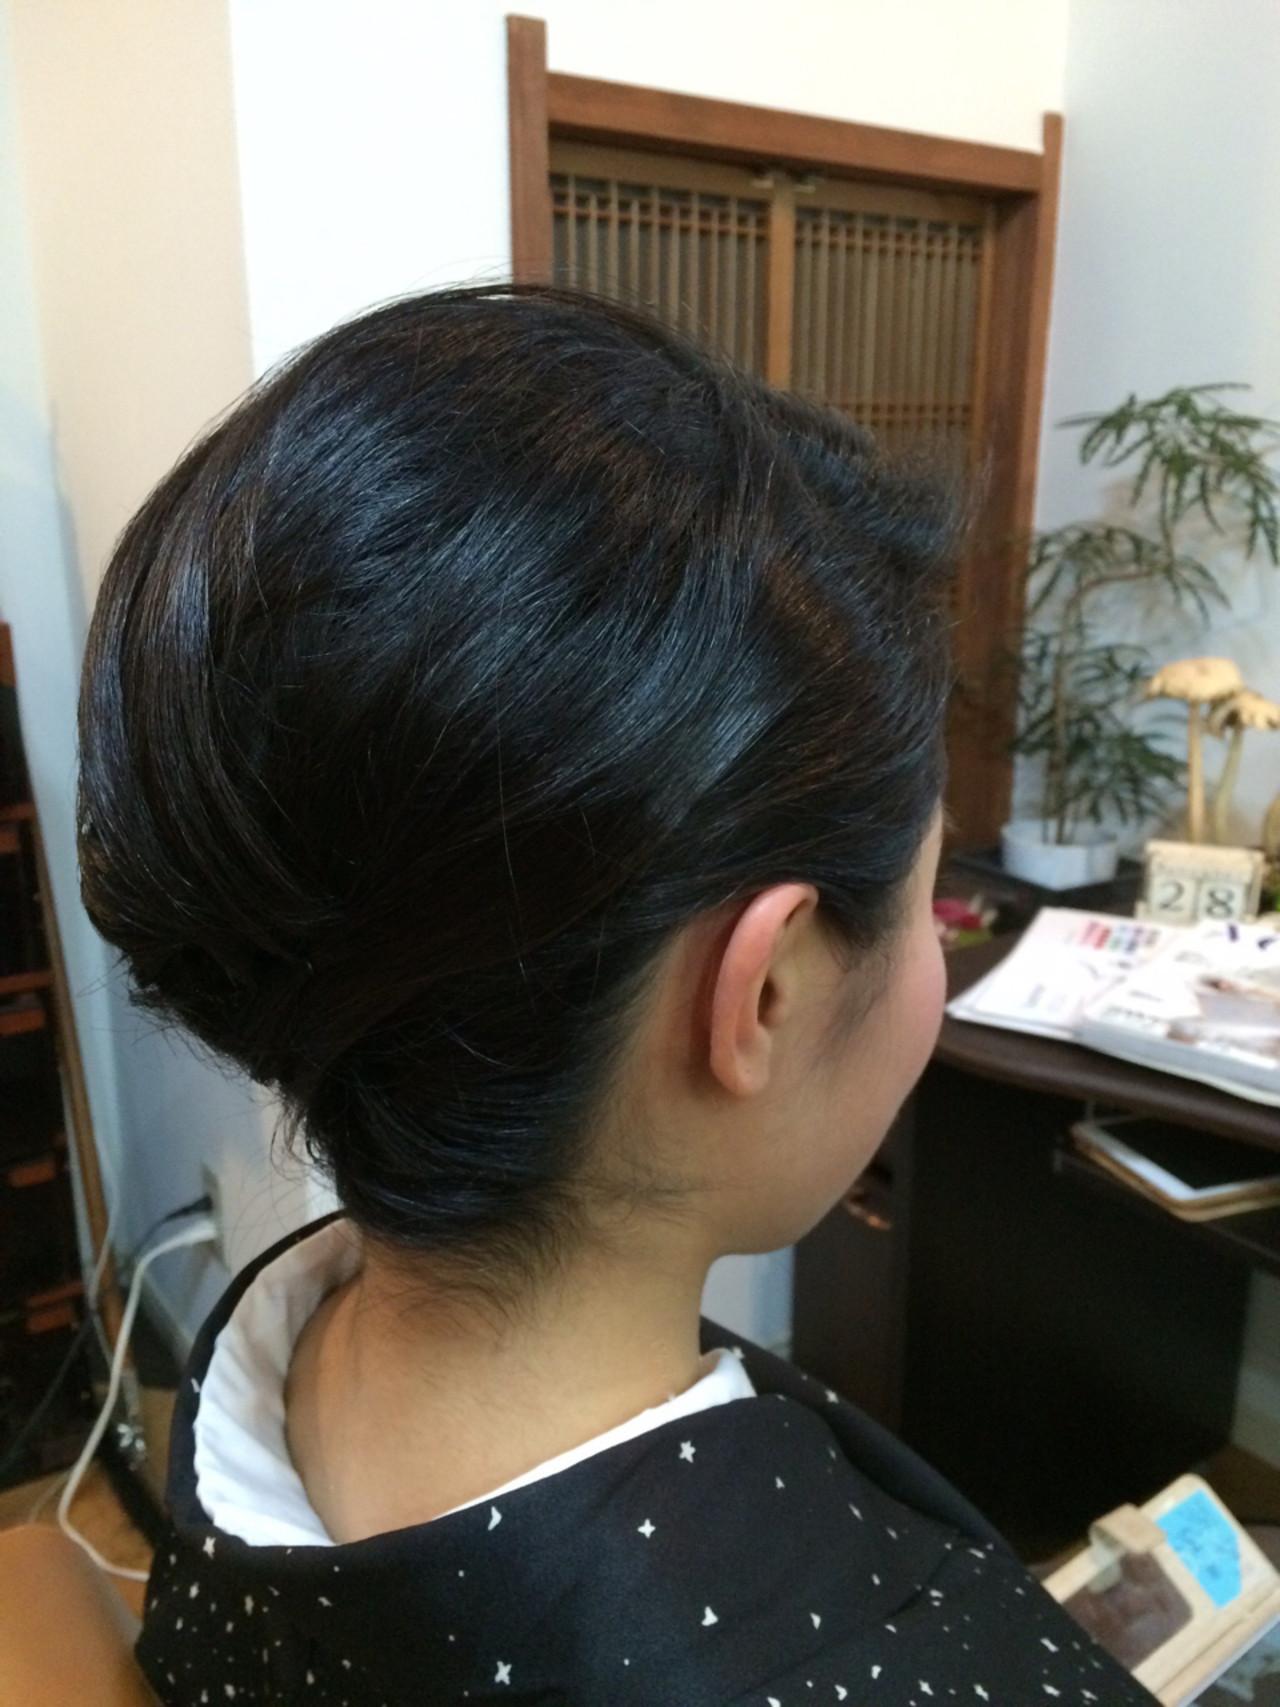 黒髪 まとめ髪 着物 ボブ ヘアスタイルや髪型の写真・画像